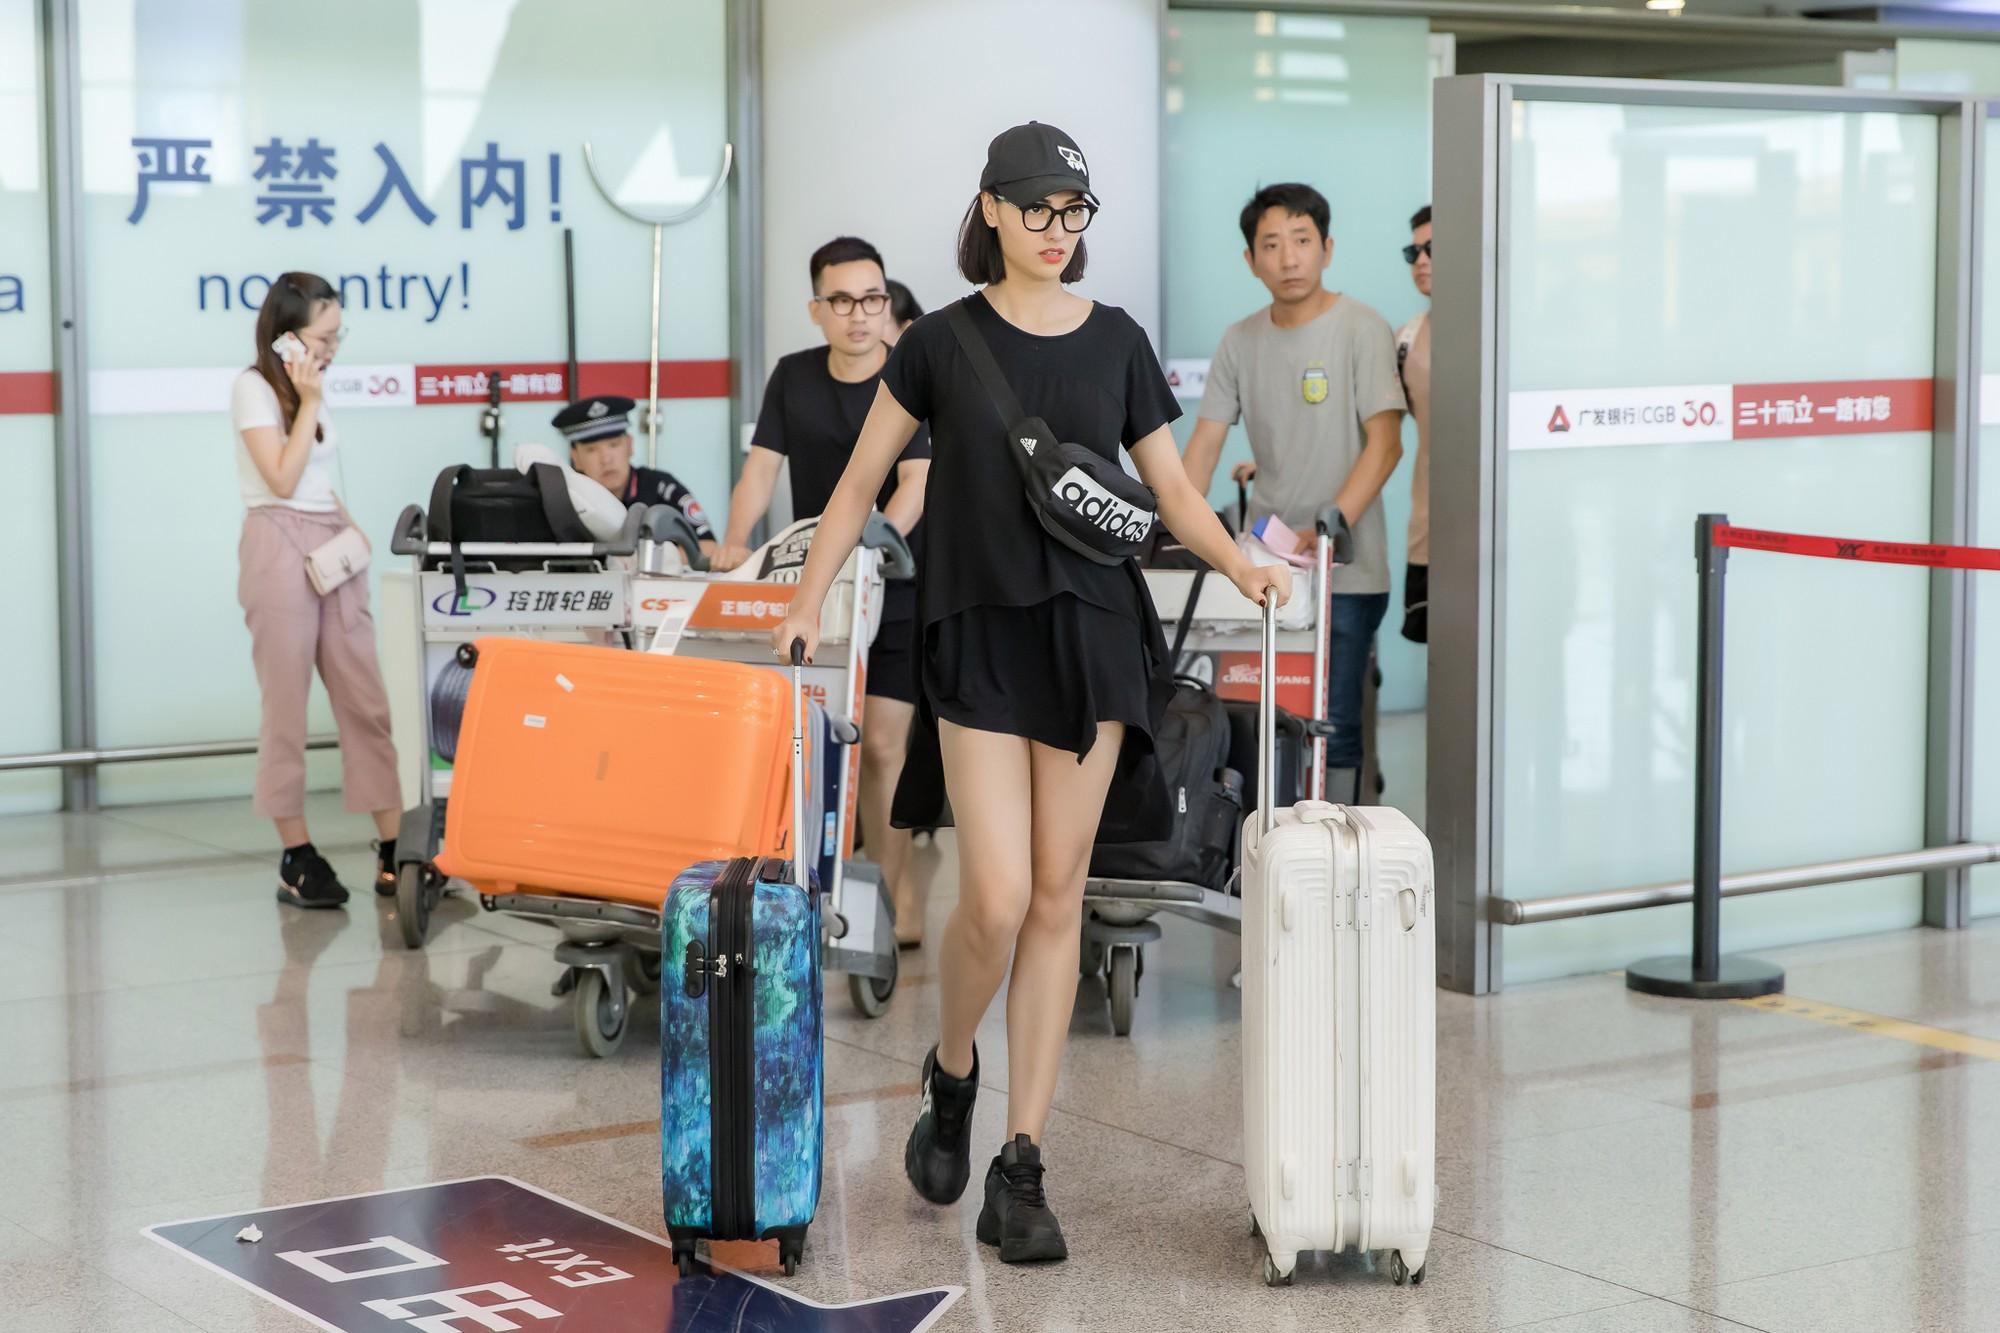 Gửi con cho ông bà để đi làm, Hồng Quế nhí nhảnh selfie cùng người đàn ông này ở sân bay - Ảnh 8.